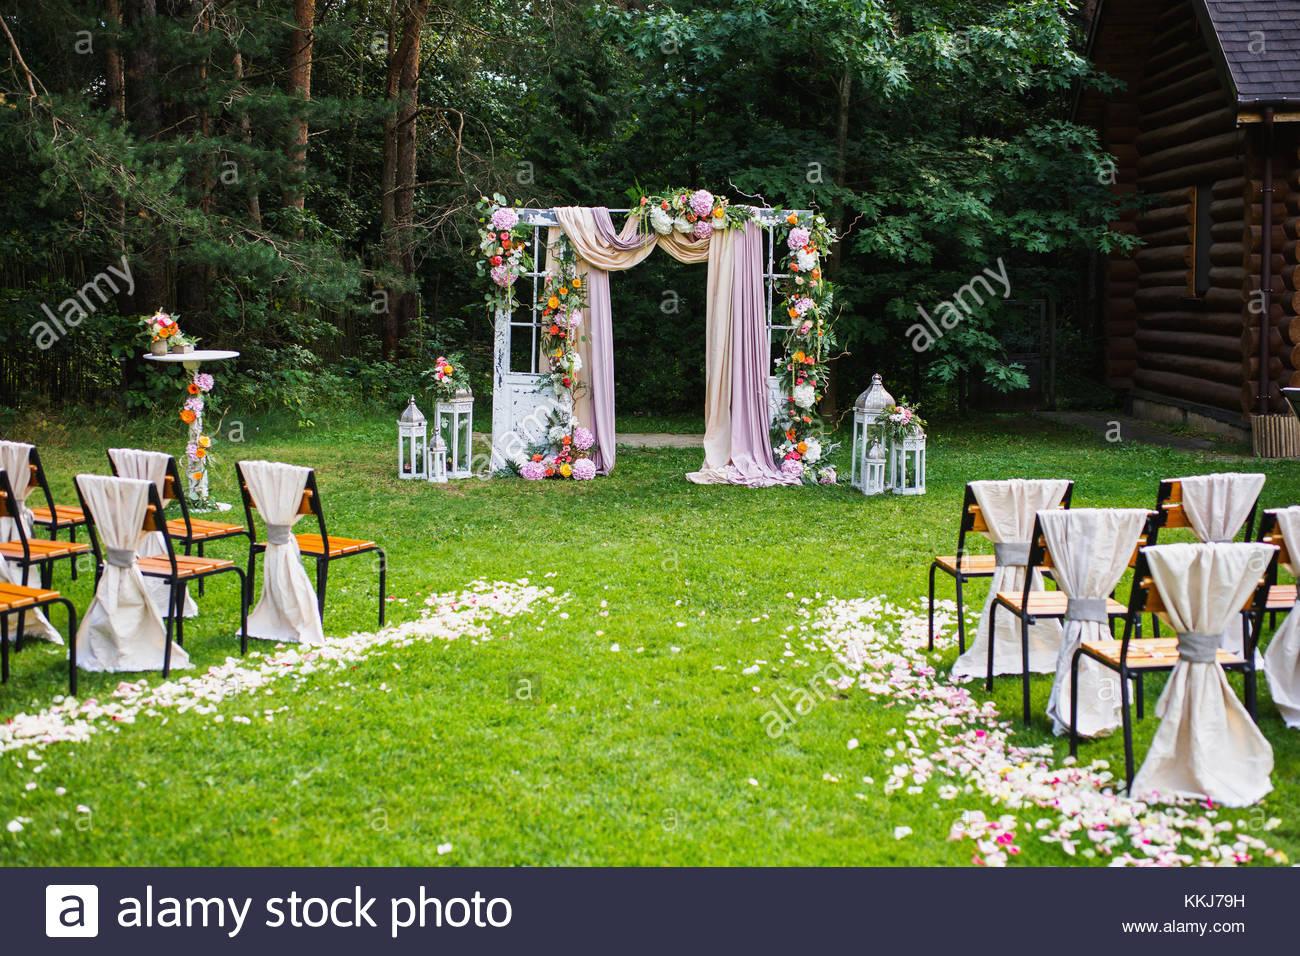 Schone Hochzeitszeremonie Im Freien Dekorierte Stuhle Stehen Auf